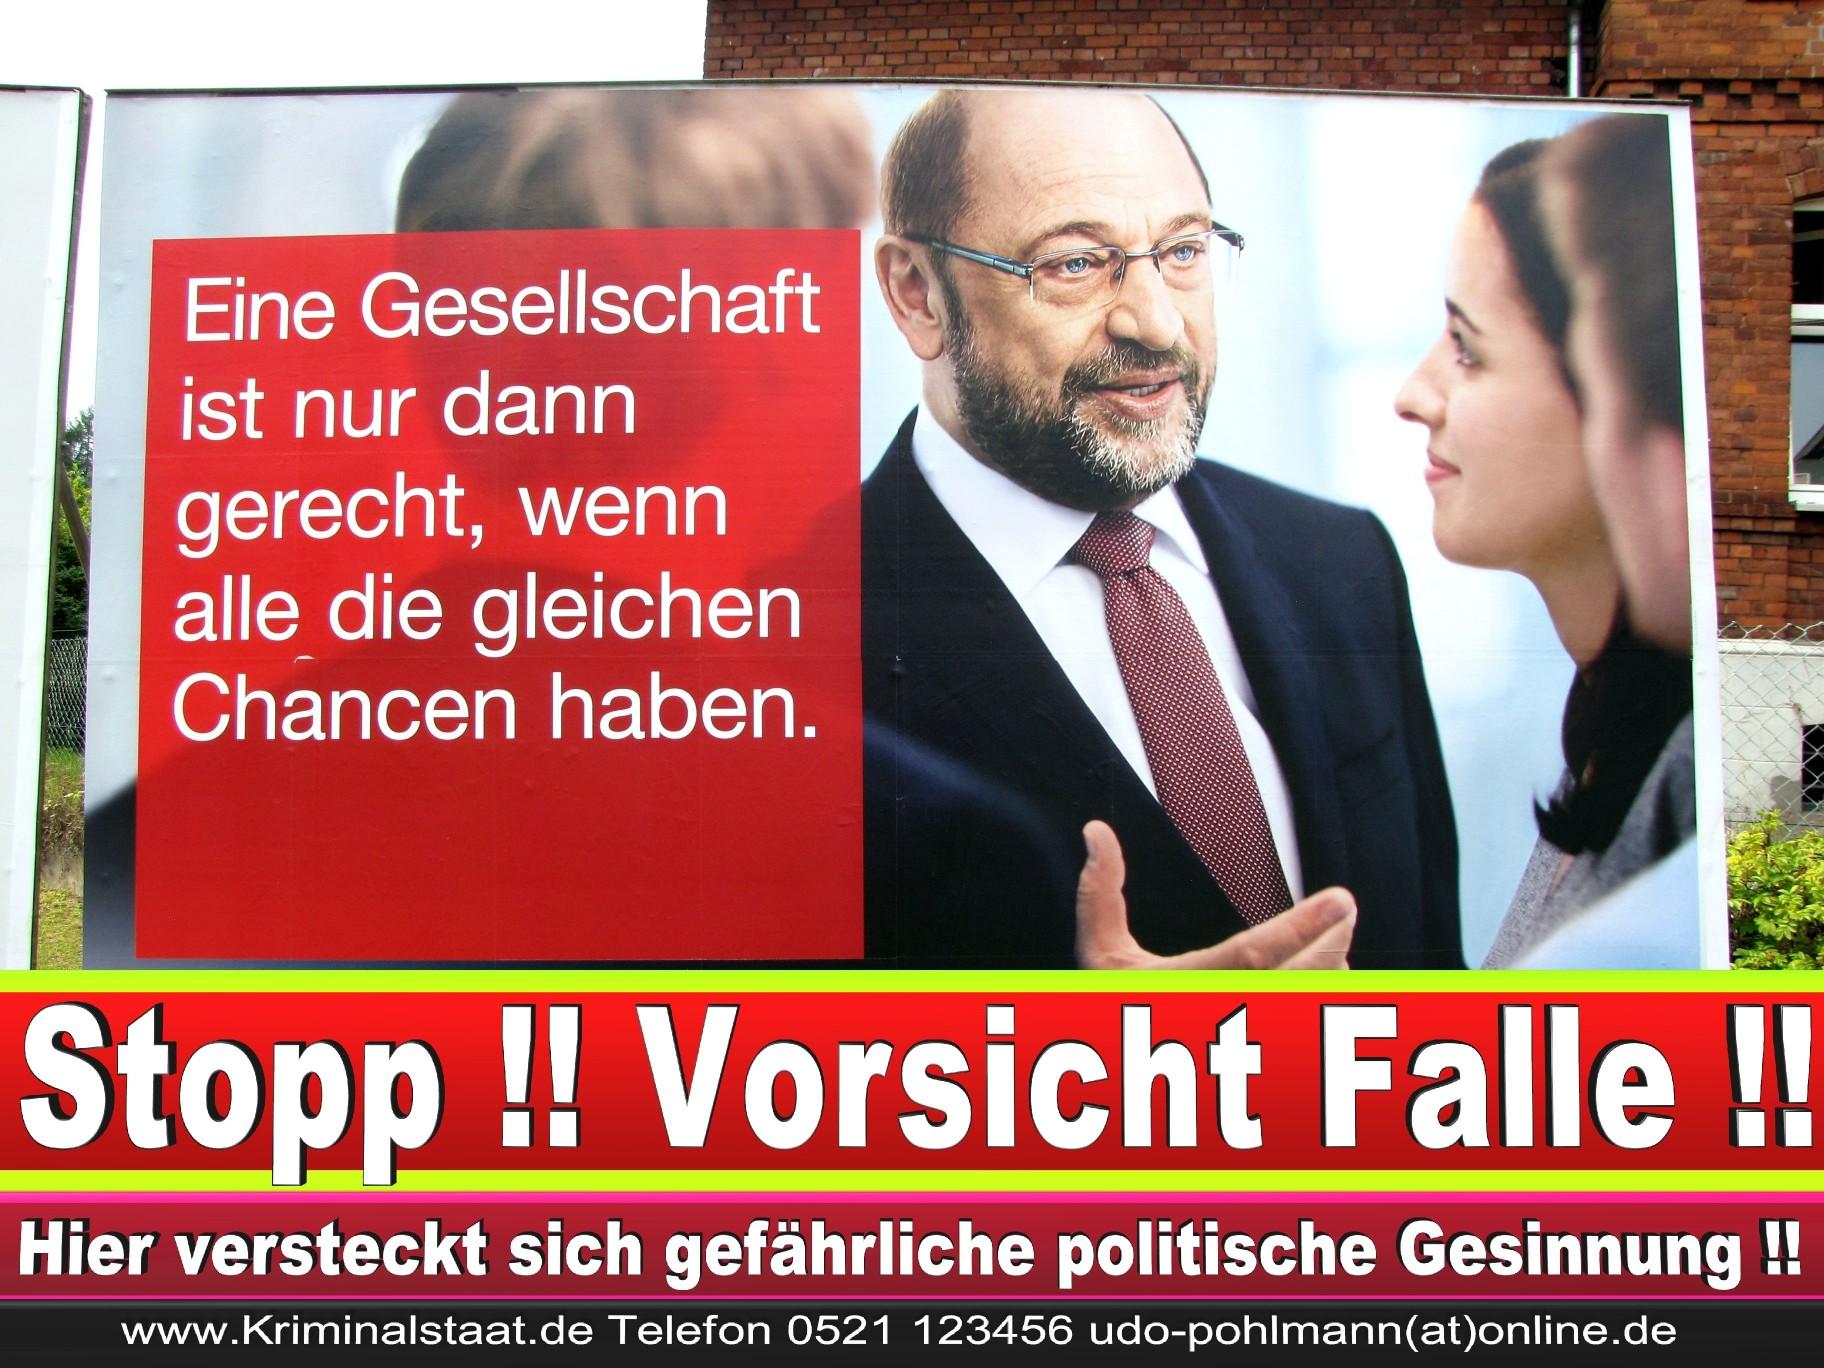 Wahlwerbung Wahlplakate Landtagswahl 2019 Europawahl CDU SPD FDP 2021 (90)